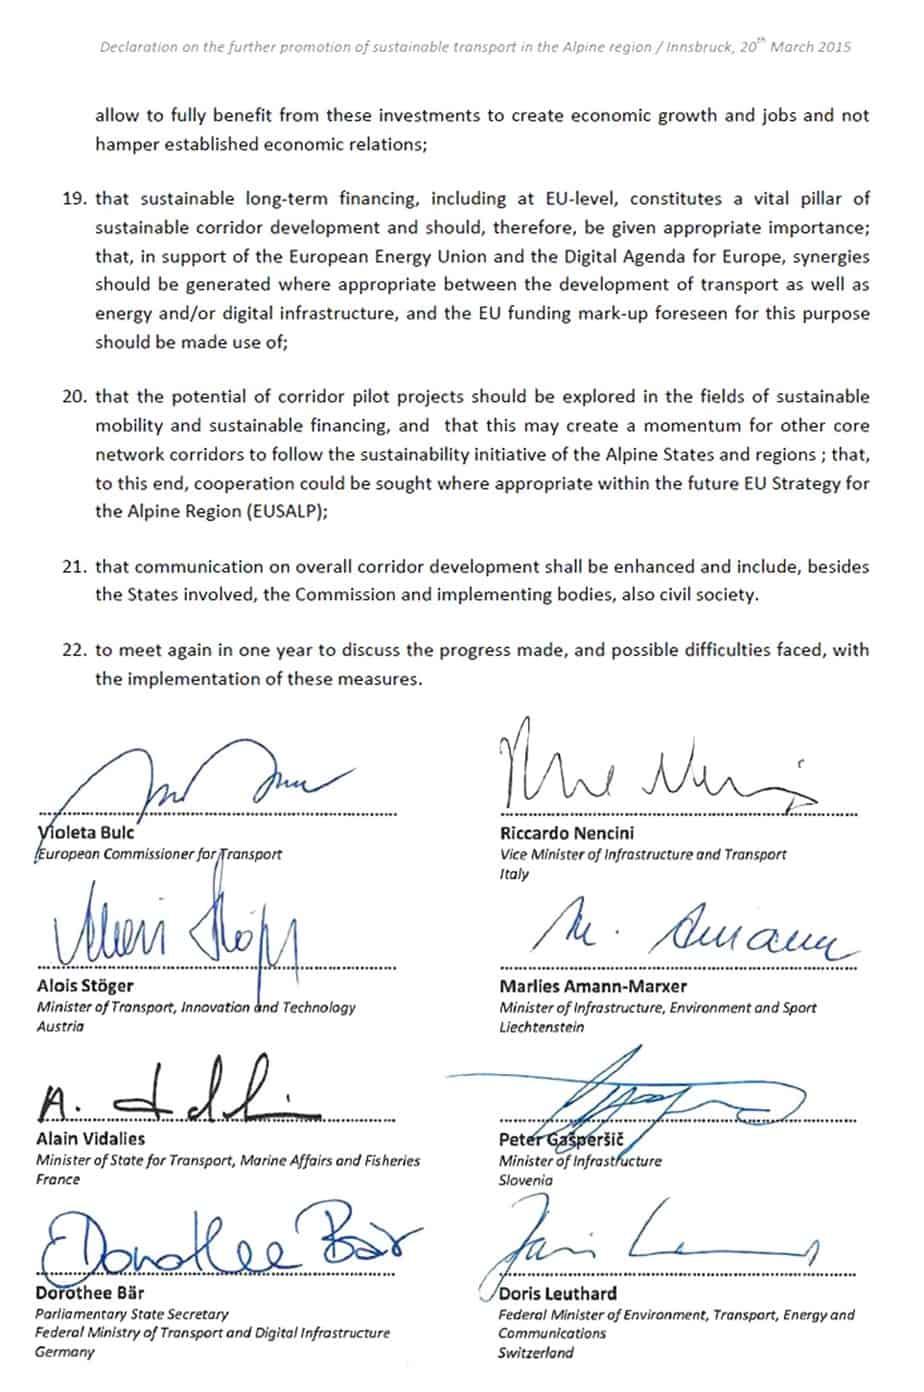 Le firme dei Ministri dei Trasporti e del Commissario Europeo Bulc sull'ultima pagina dell'accordo